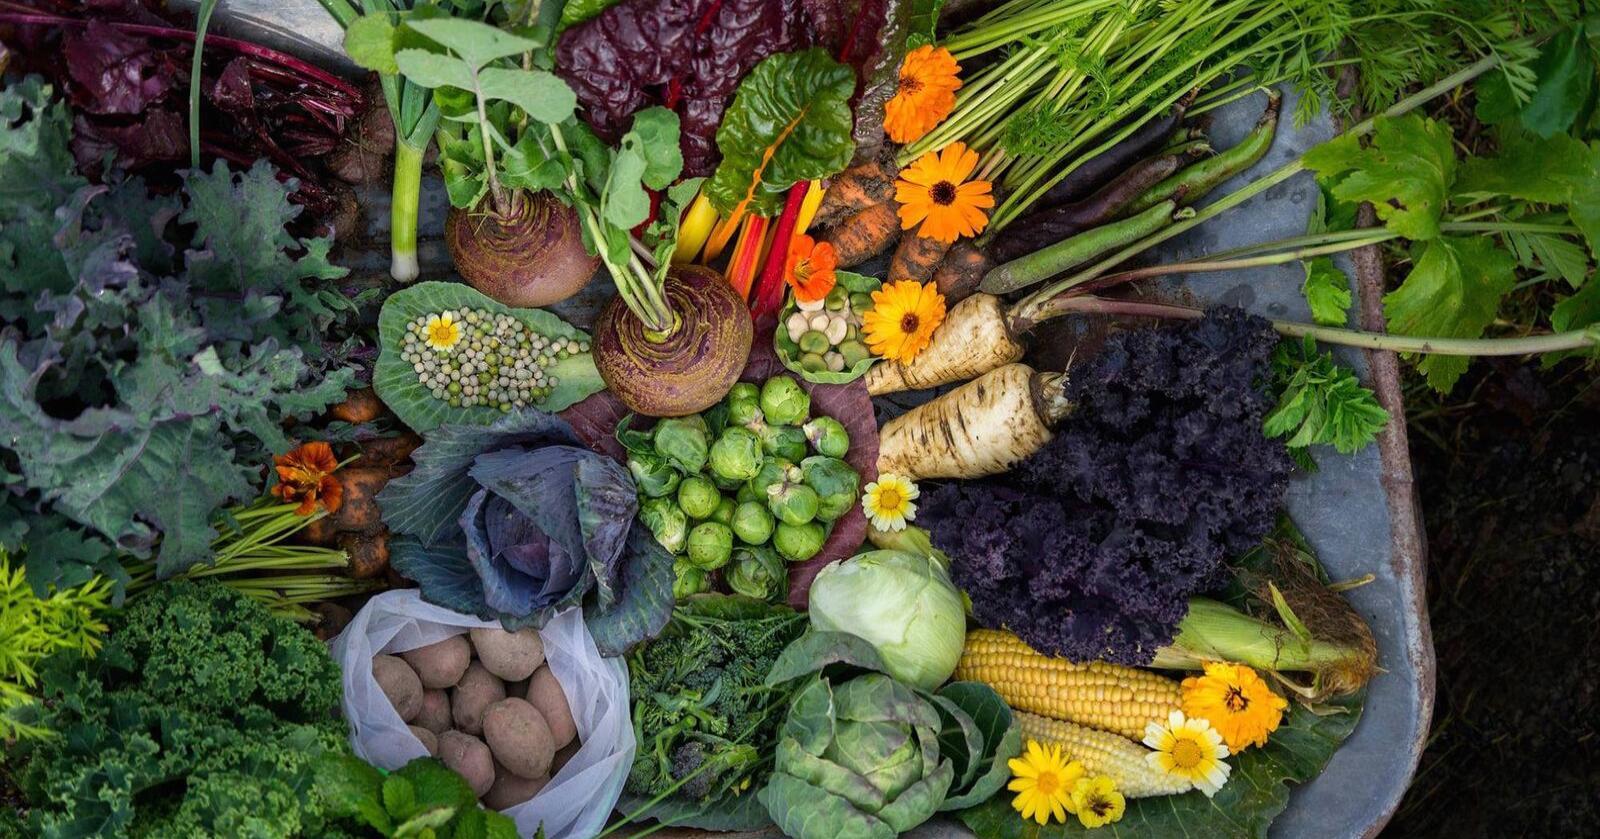 GRØNT LØFT: 22 representanter fra blant annet Gartnerhallen, Bama, NIBIO og mange flere aktører som kan knyttes til grøntsektoren, har sammen kommet fram til seks hovedområder som må prioriteres, for å løfte produksjon og salg av frukt og grønt. Foto: Bethi Dirdal Jåtun